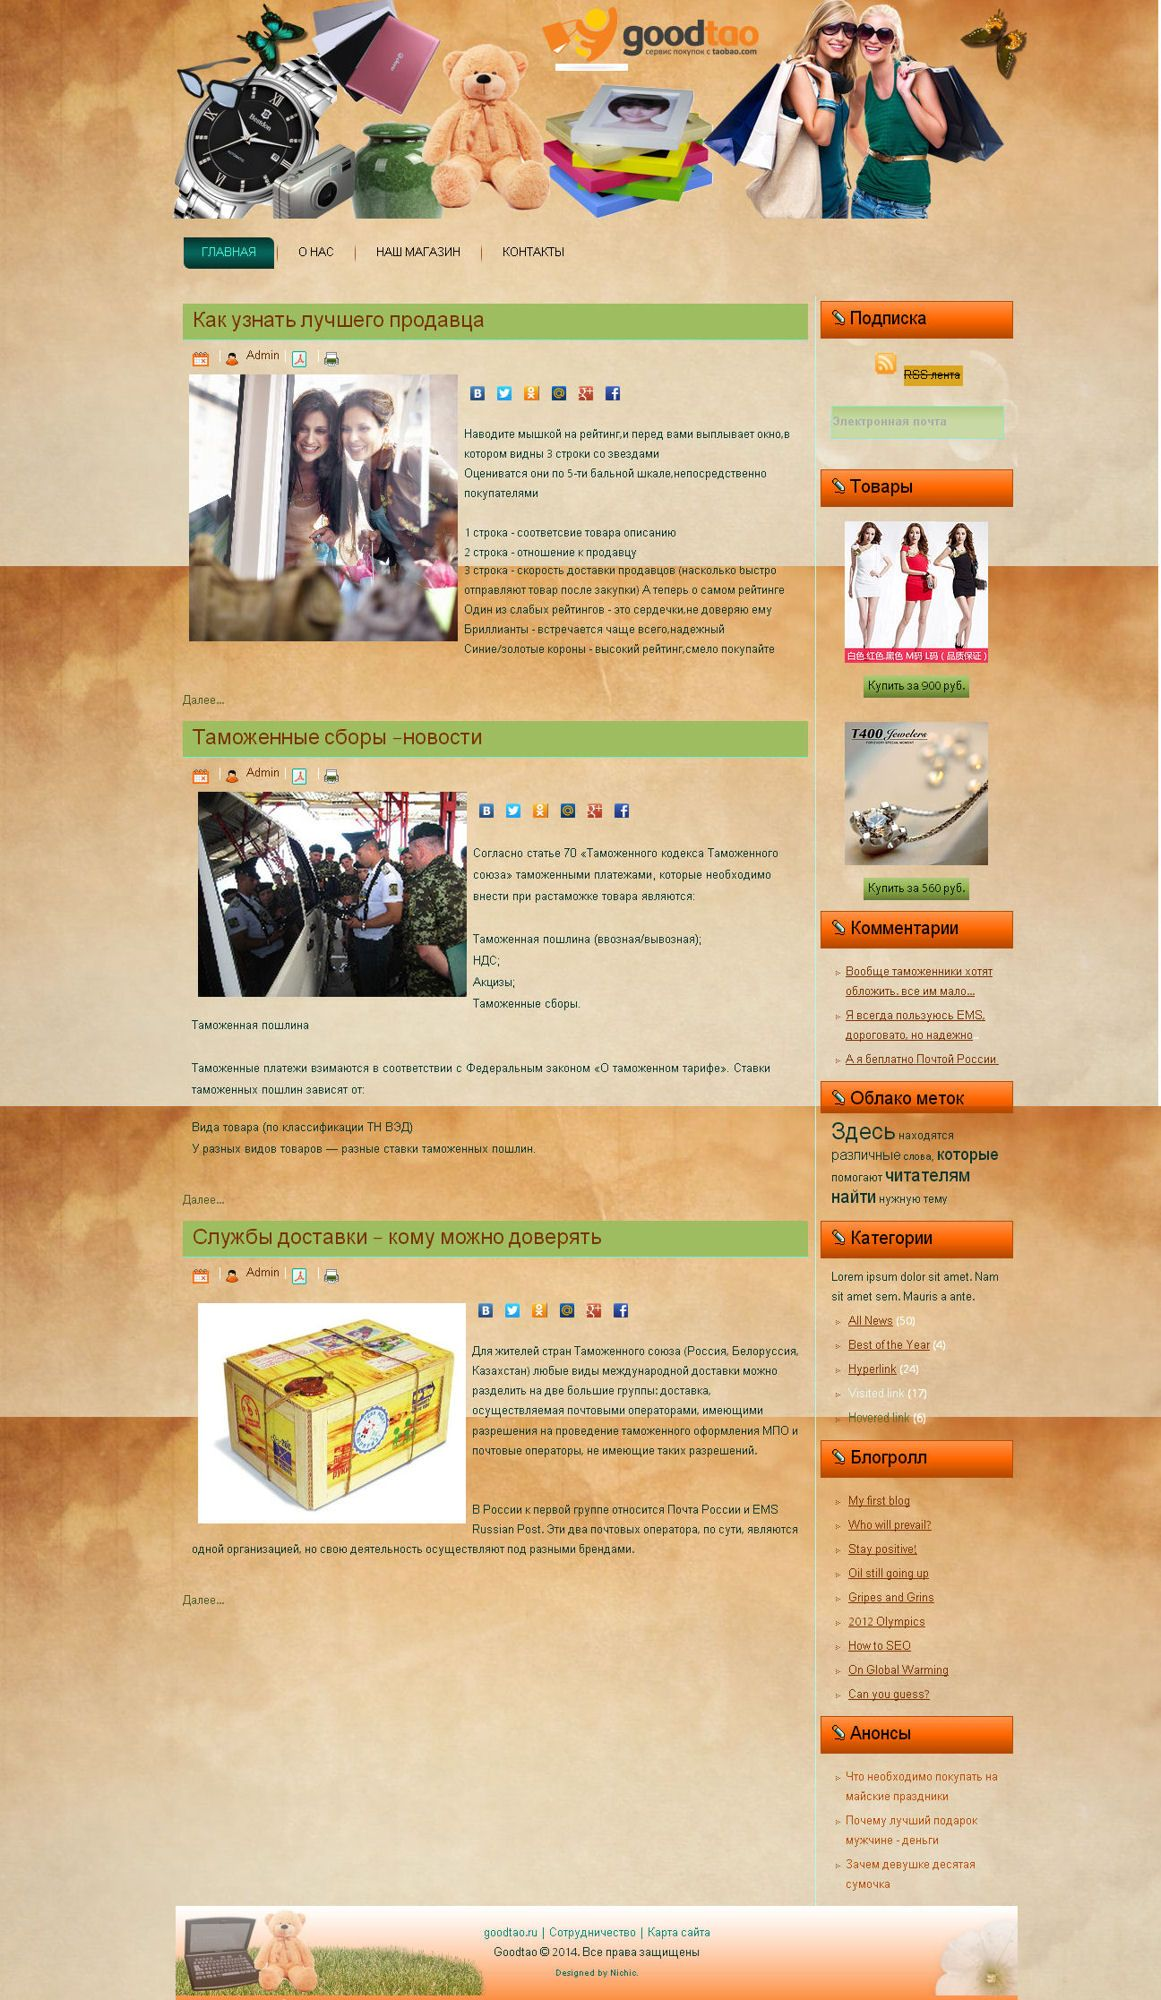 Дизайн для блога - дизайнер olga_r_b